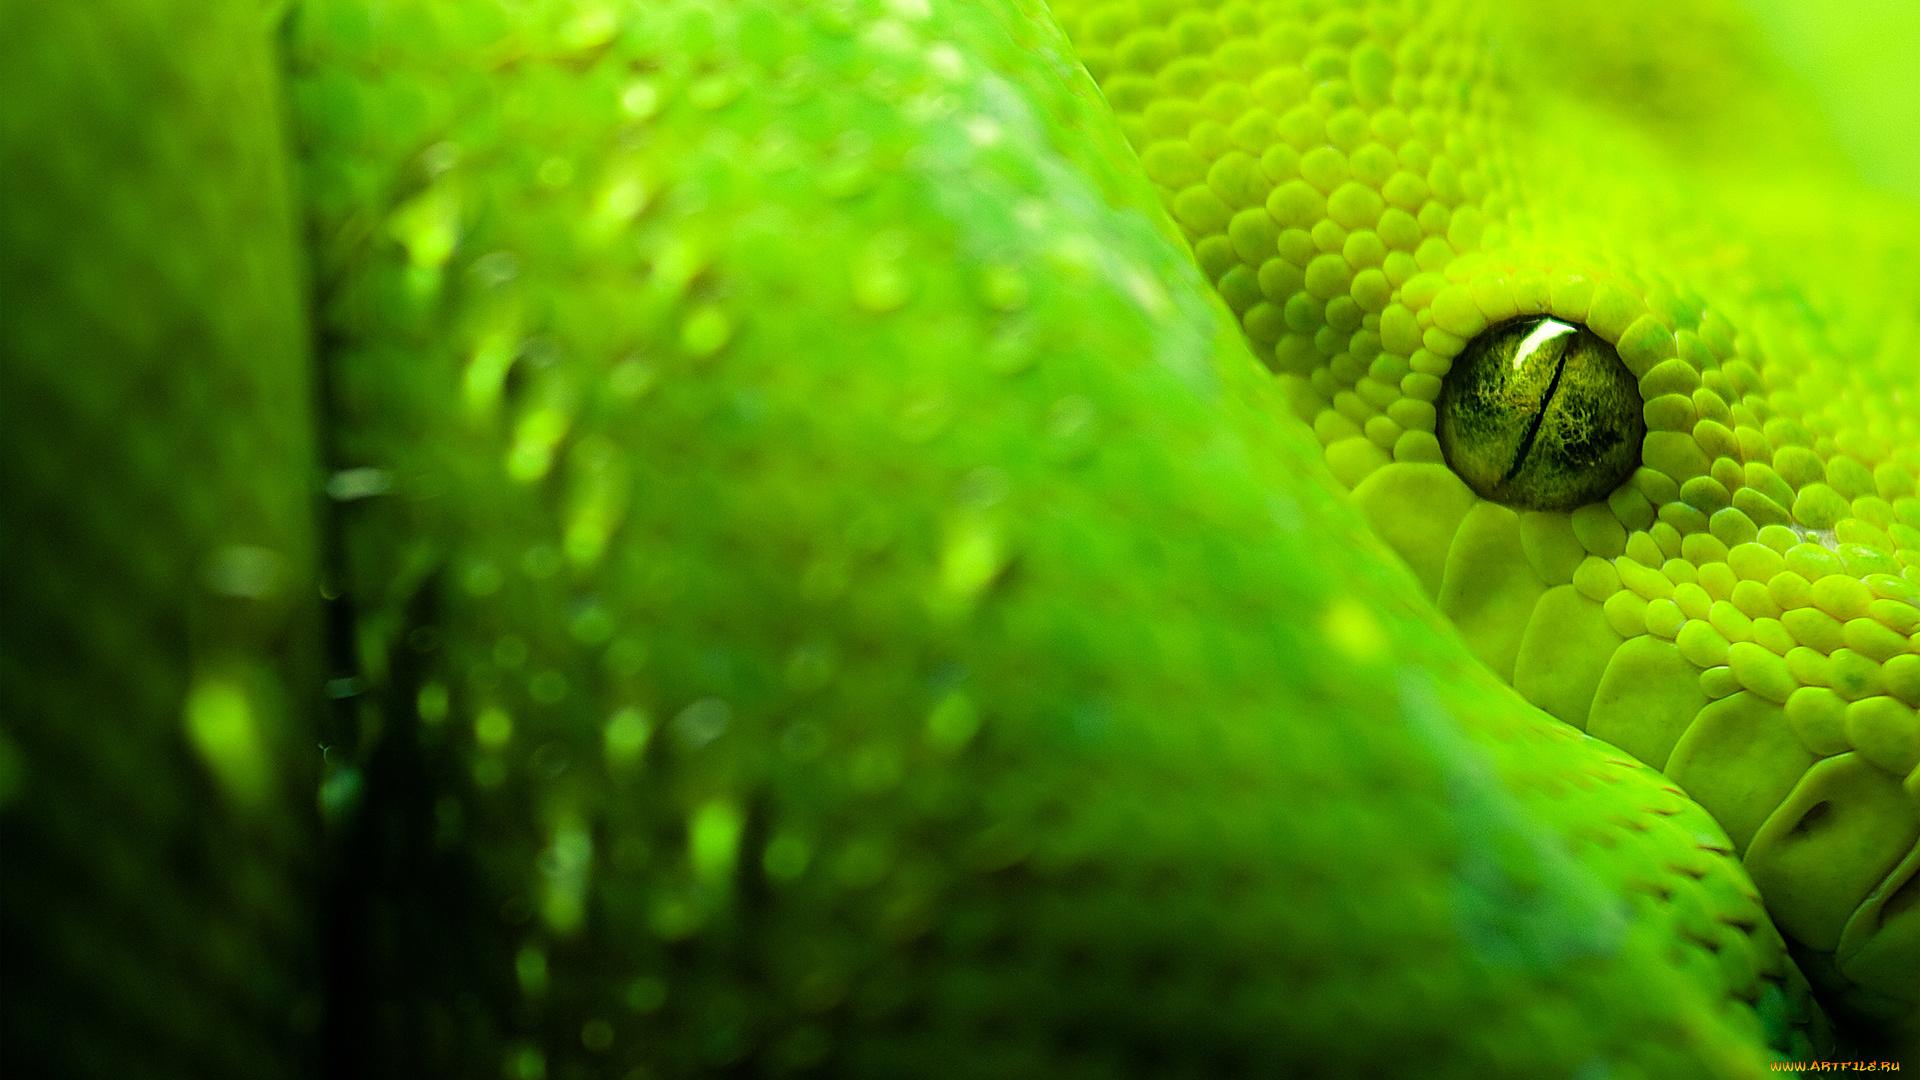 Змея на пальце онлайн